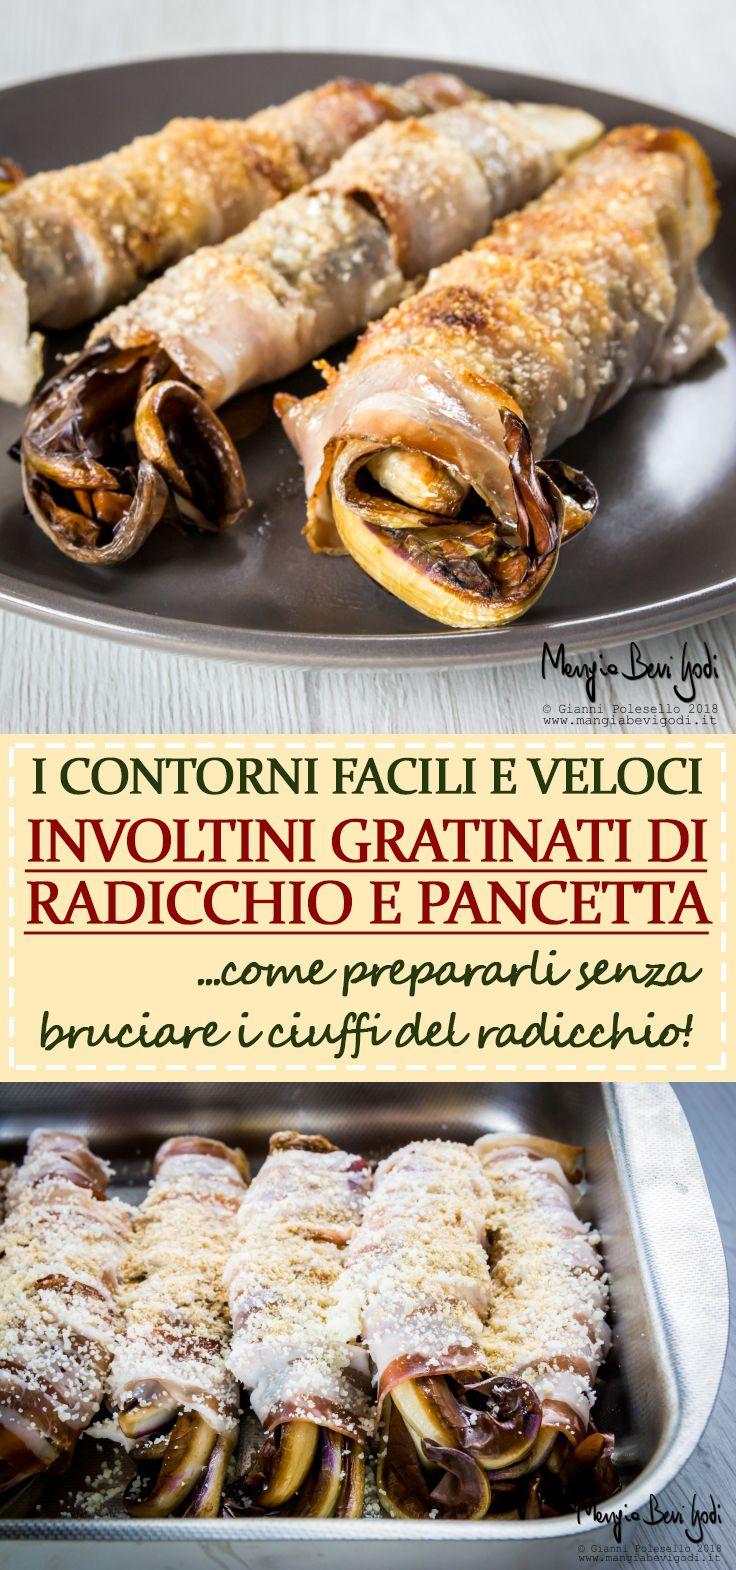 Gli involtini di radicchio e pancetta sono un contorno facile e veloce da preparare.